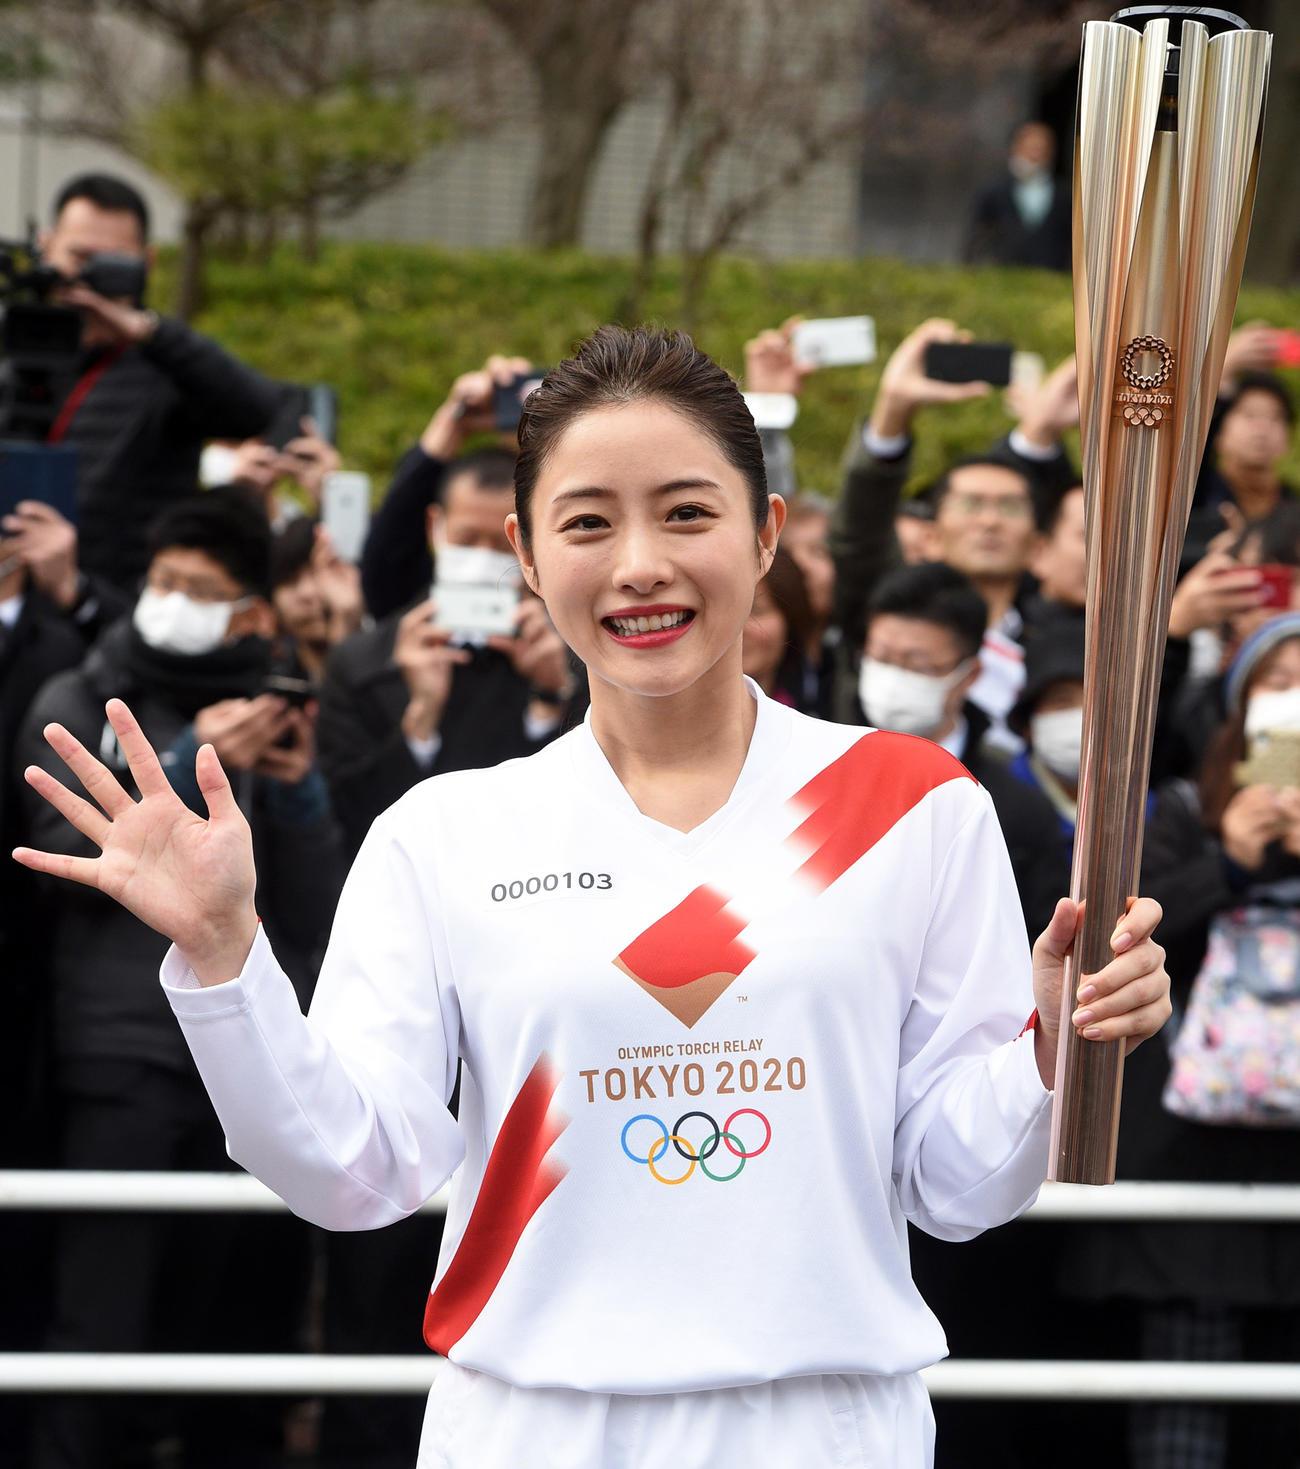 東京五輪の聖火リレーのリハーサルで沿道の人に手を振る石原さとみ(撮影・柴田隆二)